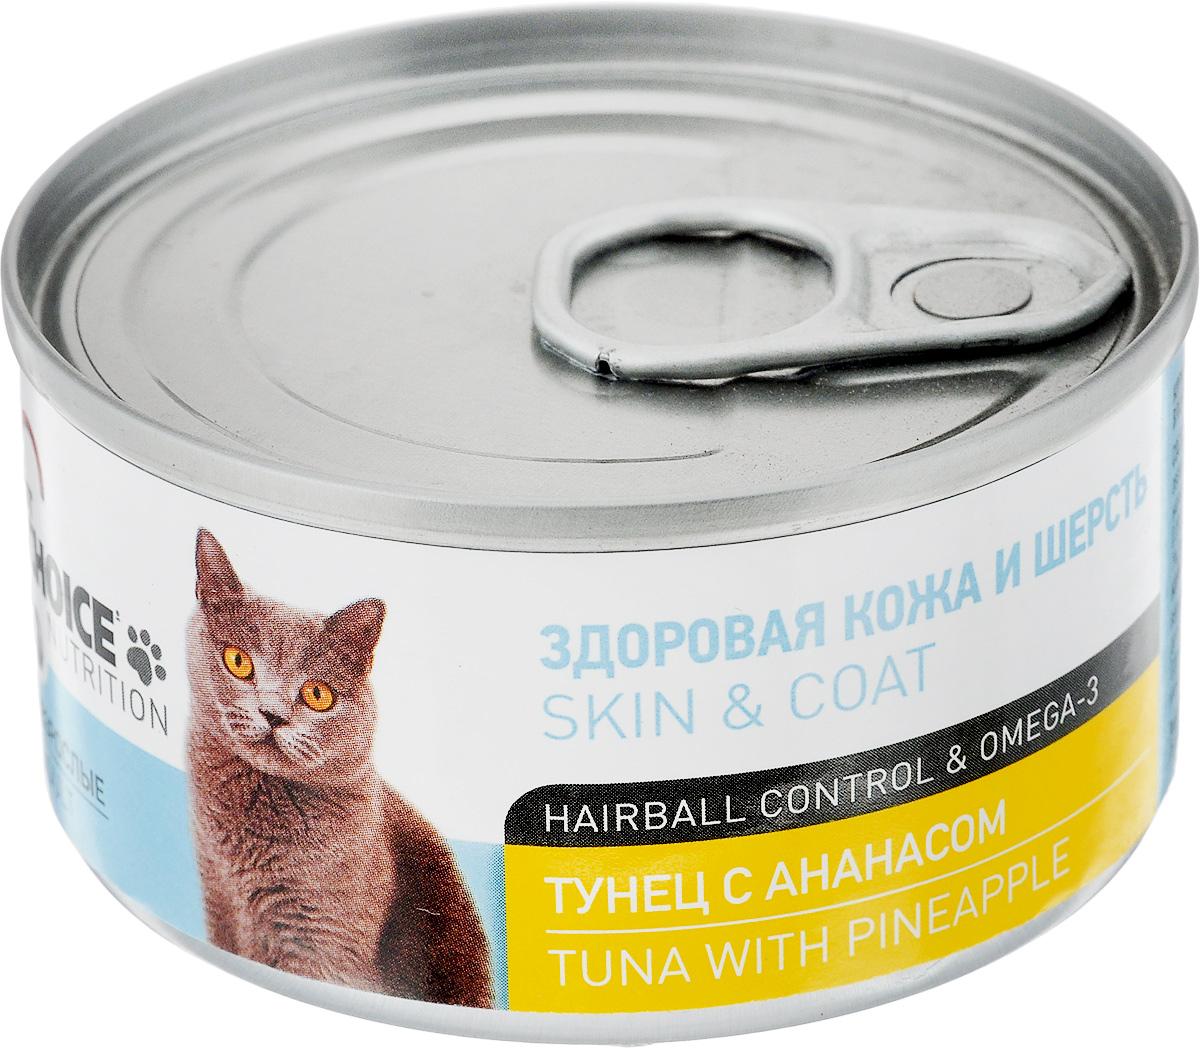 Консервы 1st Choice, для взрослых кошек, тунец с ананасом, 85 г0120710Консервы 1st Choice является уникальным, натуральным, здоровым и функциональным дополнительным консервированным питанием для котят. Корм рекомендуется смешивать с кашами. Консервы изготовлены из высококачественного мясного сырья. Они обеспечивают здоровую и красивую шерсть, благодаря высокому содержанию Омега-3 и эффективную систему вывода шерсти и контроля образования волосяных комочков. Товар сертифицирован.